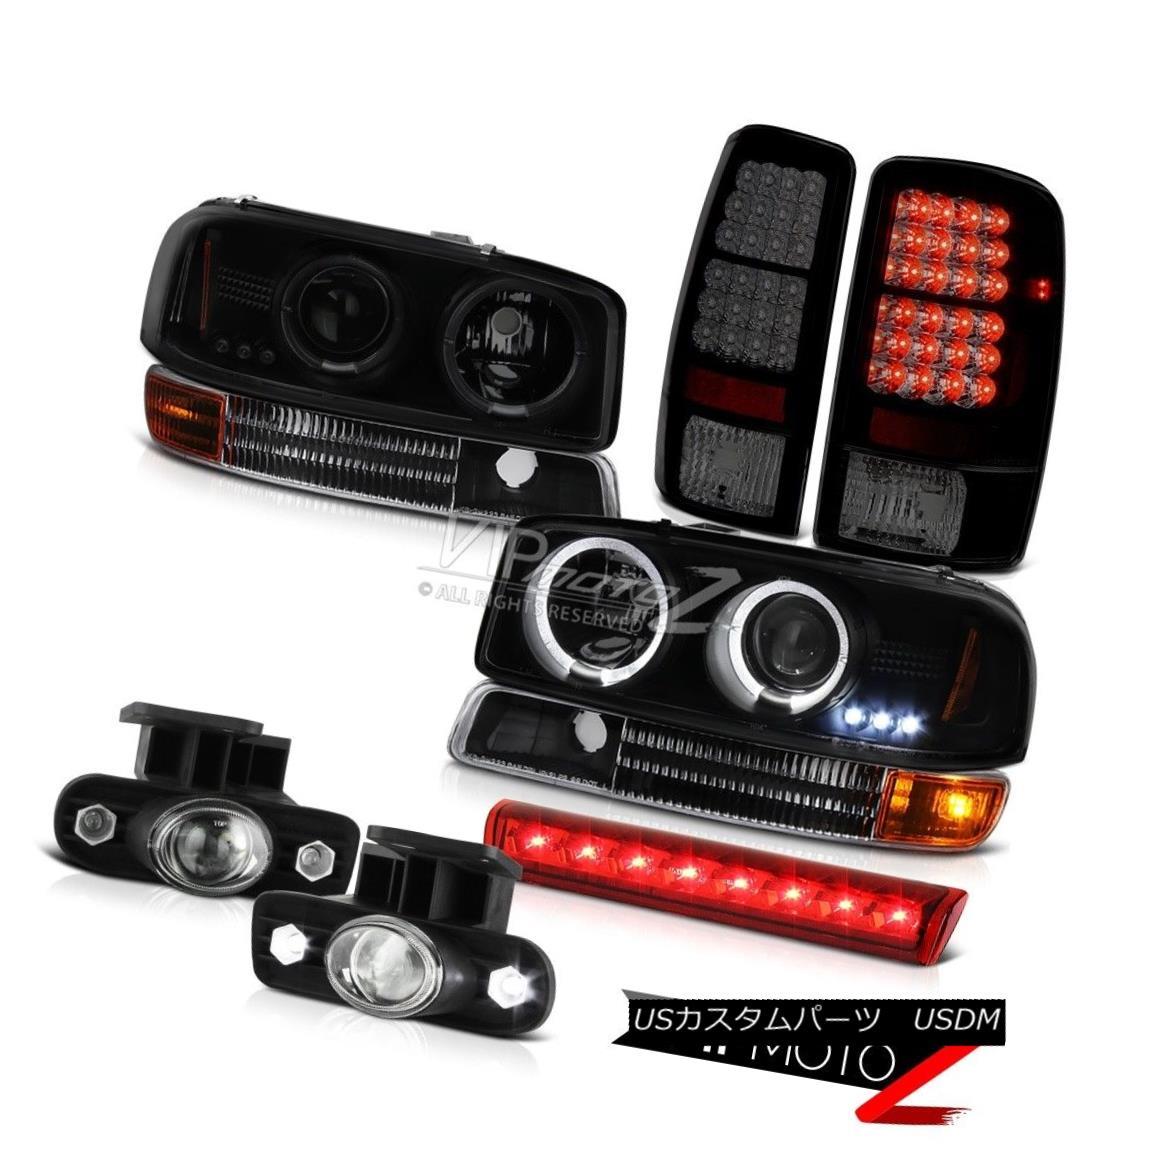 ヘッドライト 00-06 Yukon Halo Ring LED Headlights Signal Tail Lights FogLights 3rd Brake Red 00-06ユーコンハローリングLEDヘッドライト信号テールライトフォグライト第3ブレーキレッド